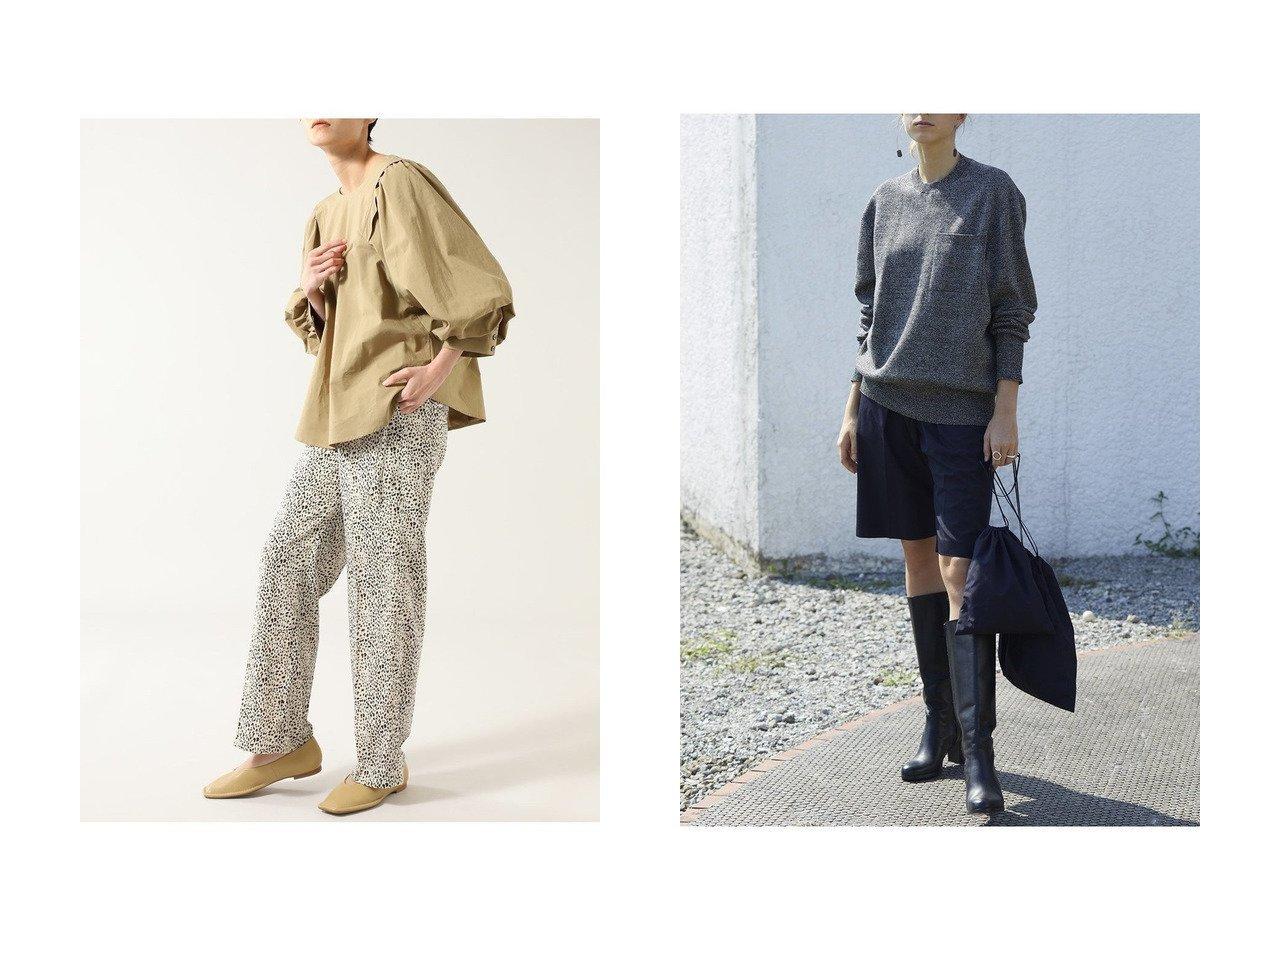 【POSTELEGANT/ポステレガント】のウールシルクショートパンツ&【ROSE BUD/ローズバッド】のプリントイージーパンツ 【パンツ】おすすめ!人気、トレンド・レディースファッションの通販 おすすめで人気の流行・トレンド、ファッションの通販商品 メンズファッション・キッズファッション・インテリア・家具・レディースファッション・服の通販 founy(ファニー) https://founy.com/ ファッション Fashion レディースファッション WOMEN パンツ Pants ハーフ / ショートパンツ Short Pants 2021年 2021 2021春夏・S/S SS/Spring/Summer/2021 S/S・春夏 SS・Spring/Summer ギャザー ストレート パターン モチーフ 春 Spring ショート シルク 軽量 |ID:crp329100000028416